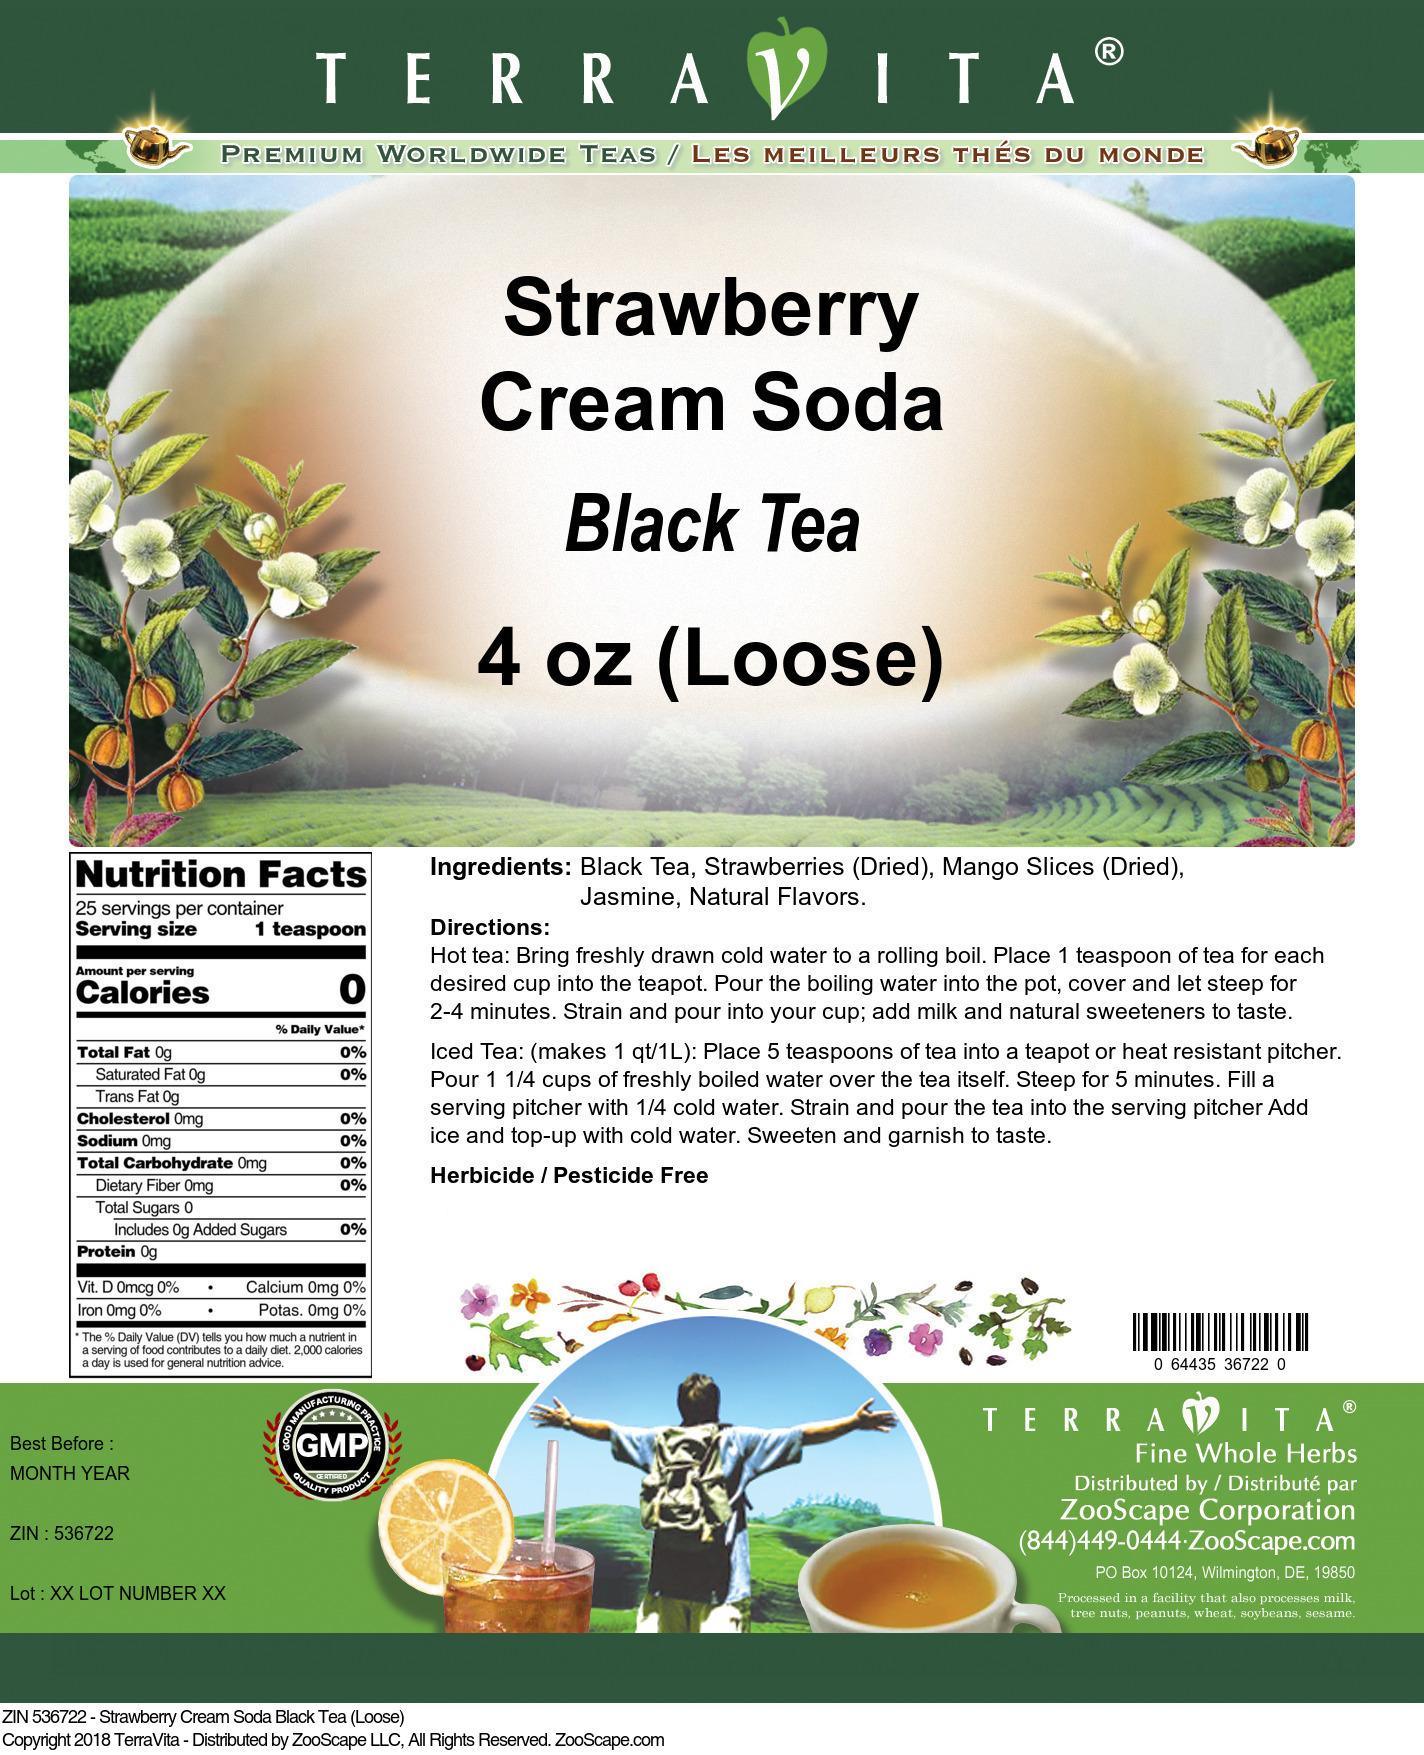 Strawberry Cream Soda Black Tea